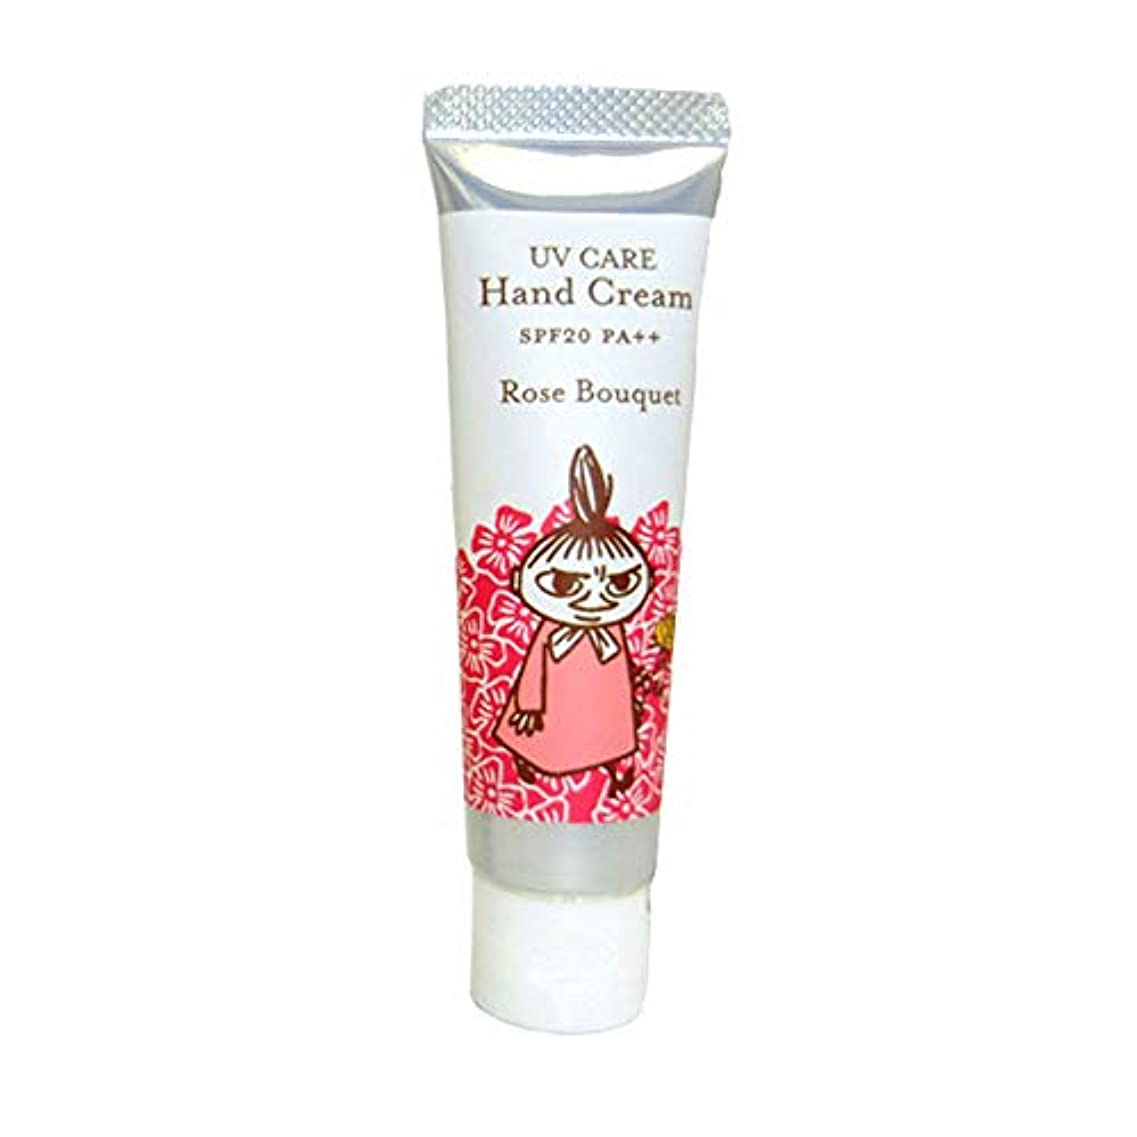 アサー鋸歯状核【ムーミン】UVケアハンドクリーム ローズブーケの香り SPF20 PA++